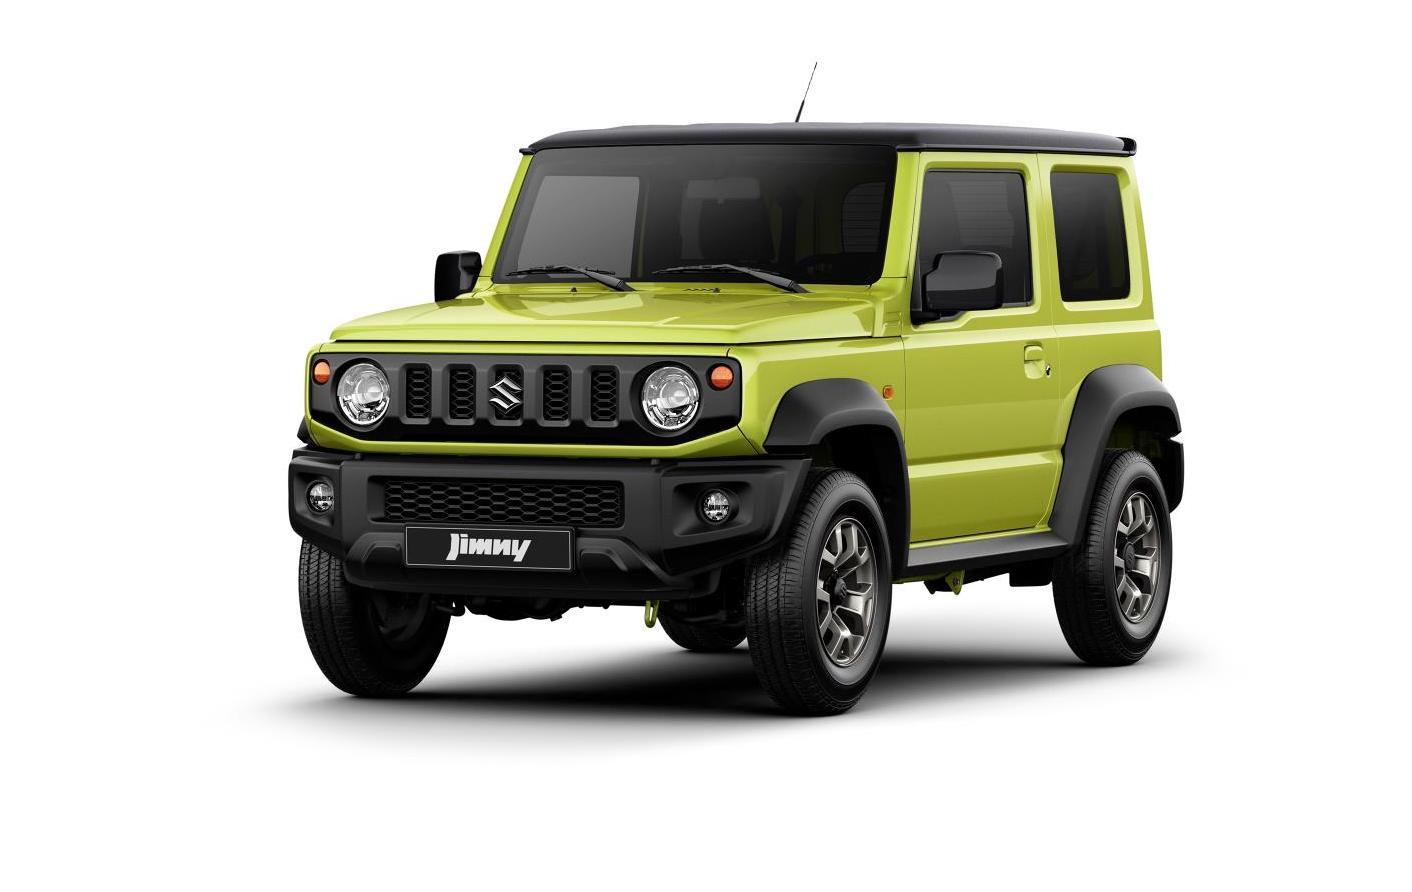 Modish Nowe Suzuki Jimny – czwarta generacja małej terenówki – informacje HL43